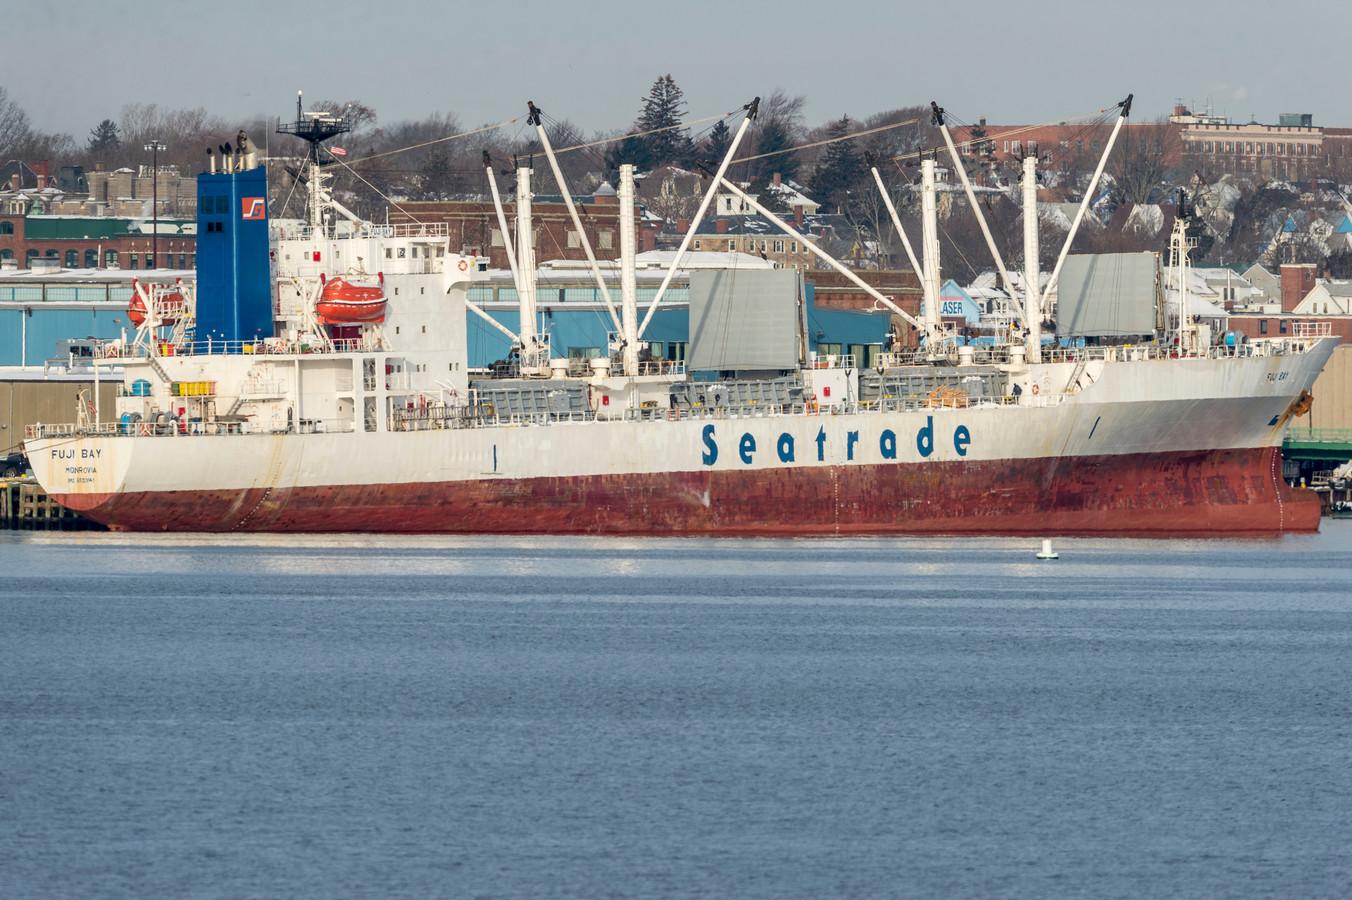 Een vrachtschip van rederij Seatrade, ter illustratie.